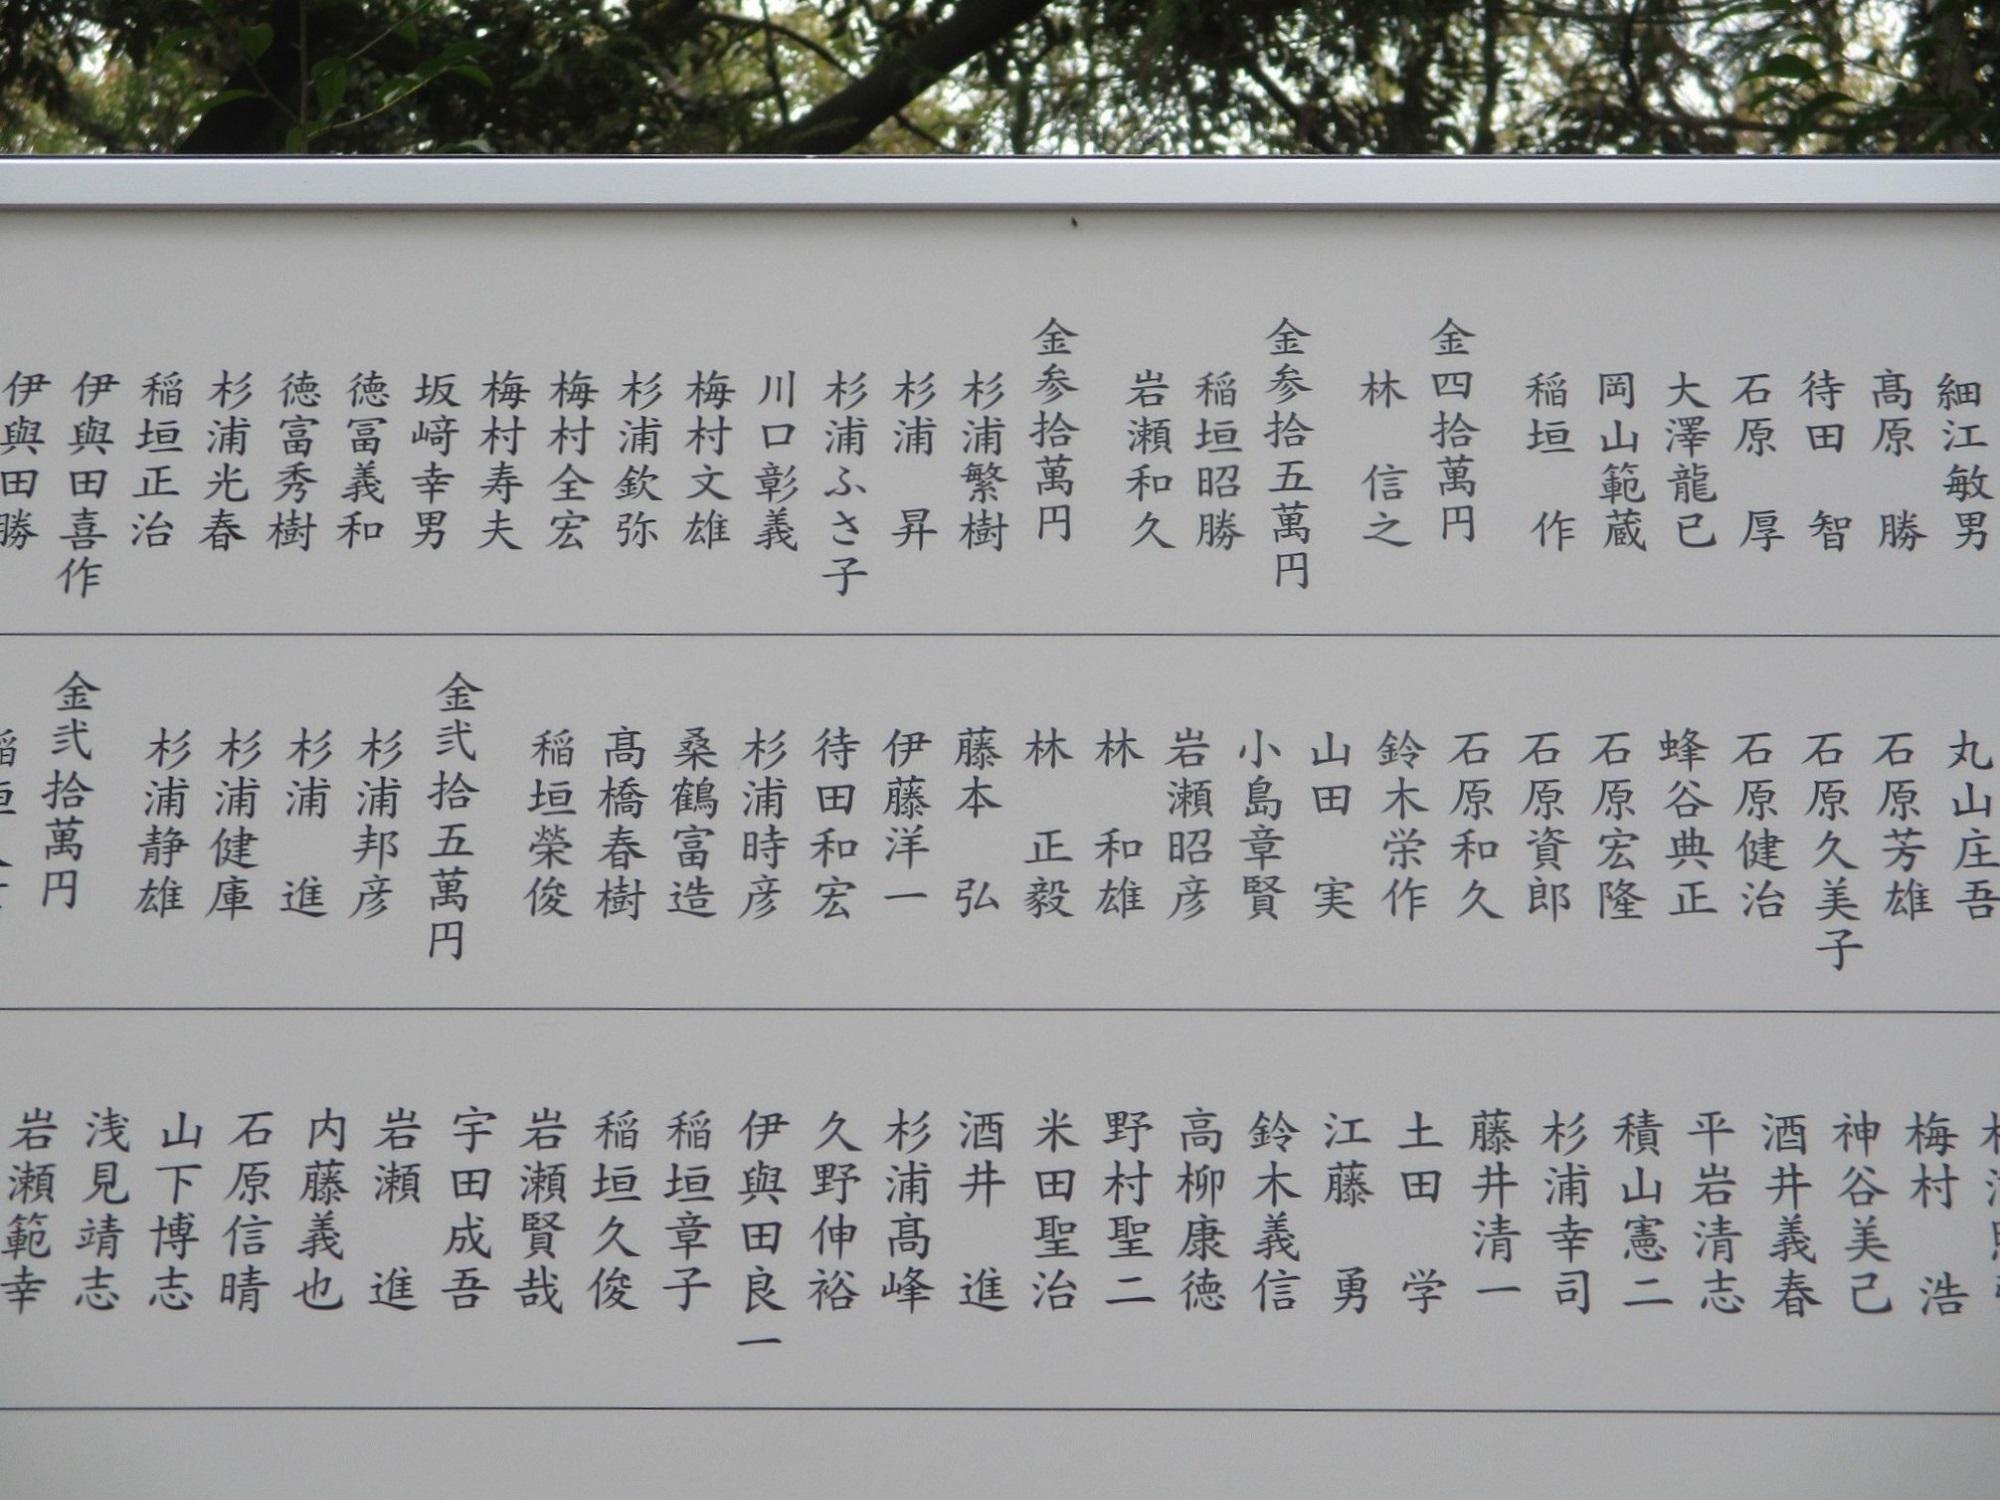 2020.3.28 (2) 古井神社改修事業寄進芳名板 2000-1500